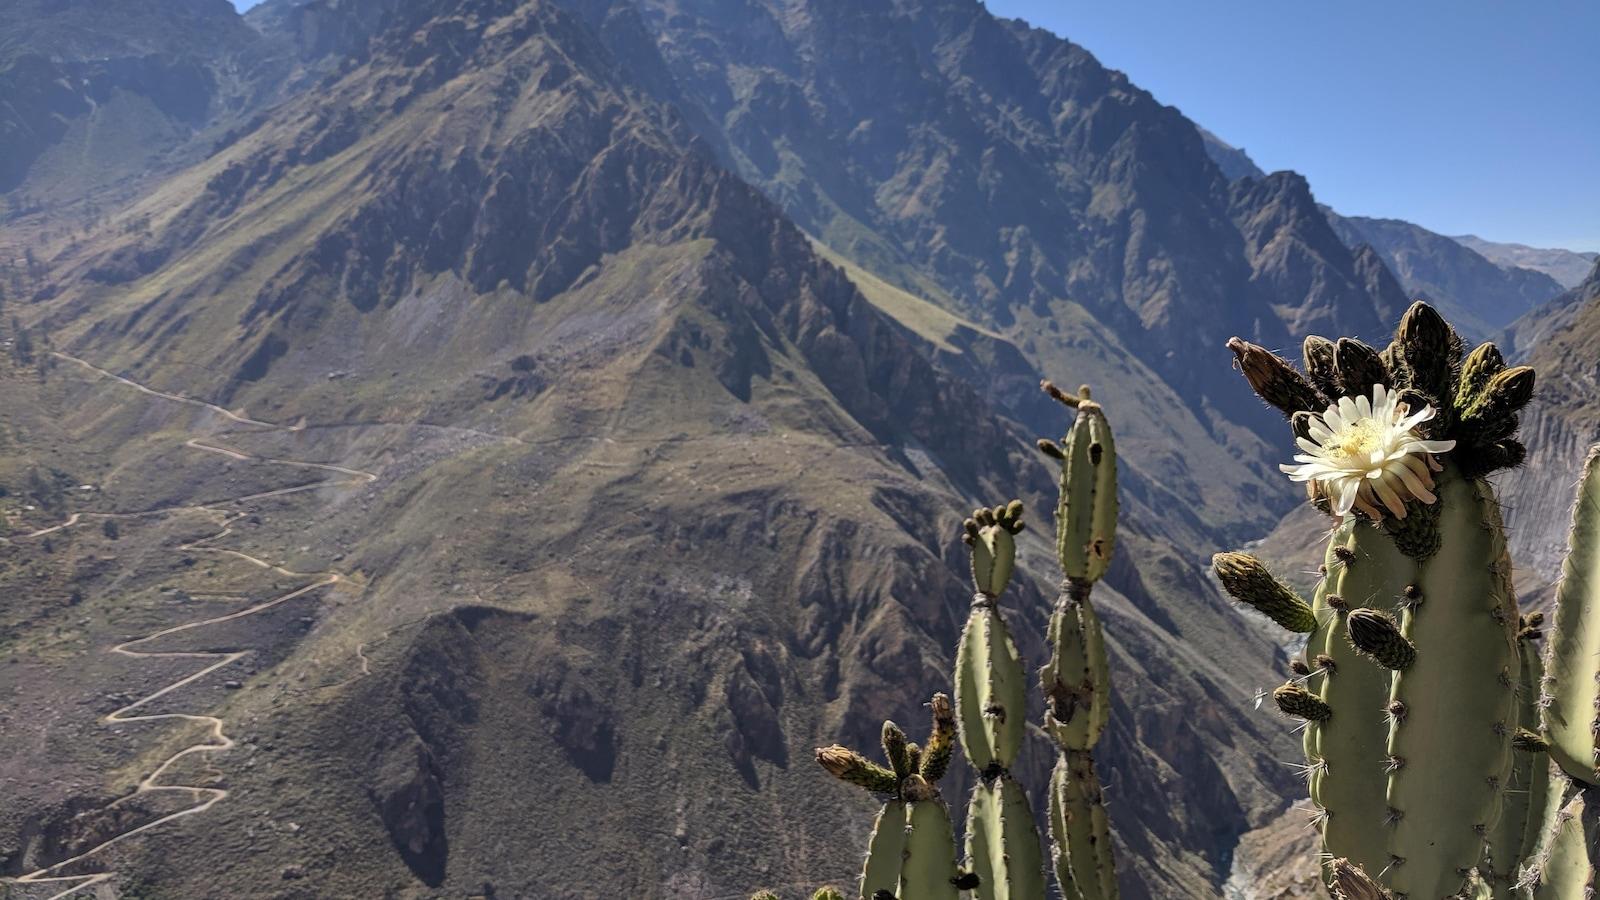 Le canyon de Colca, au Pérou.